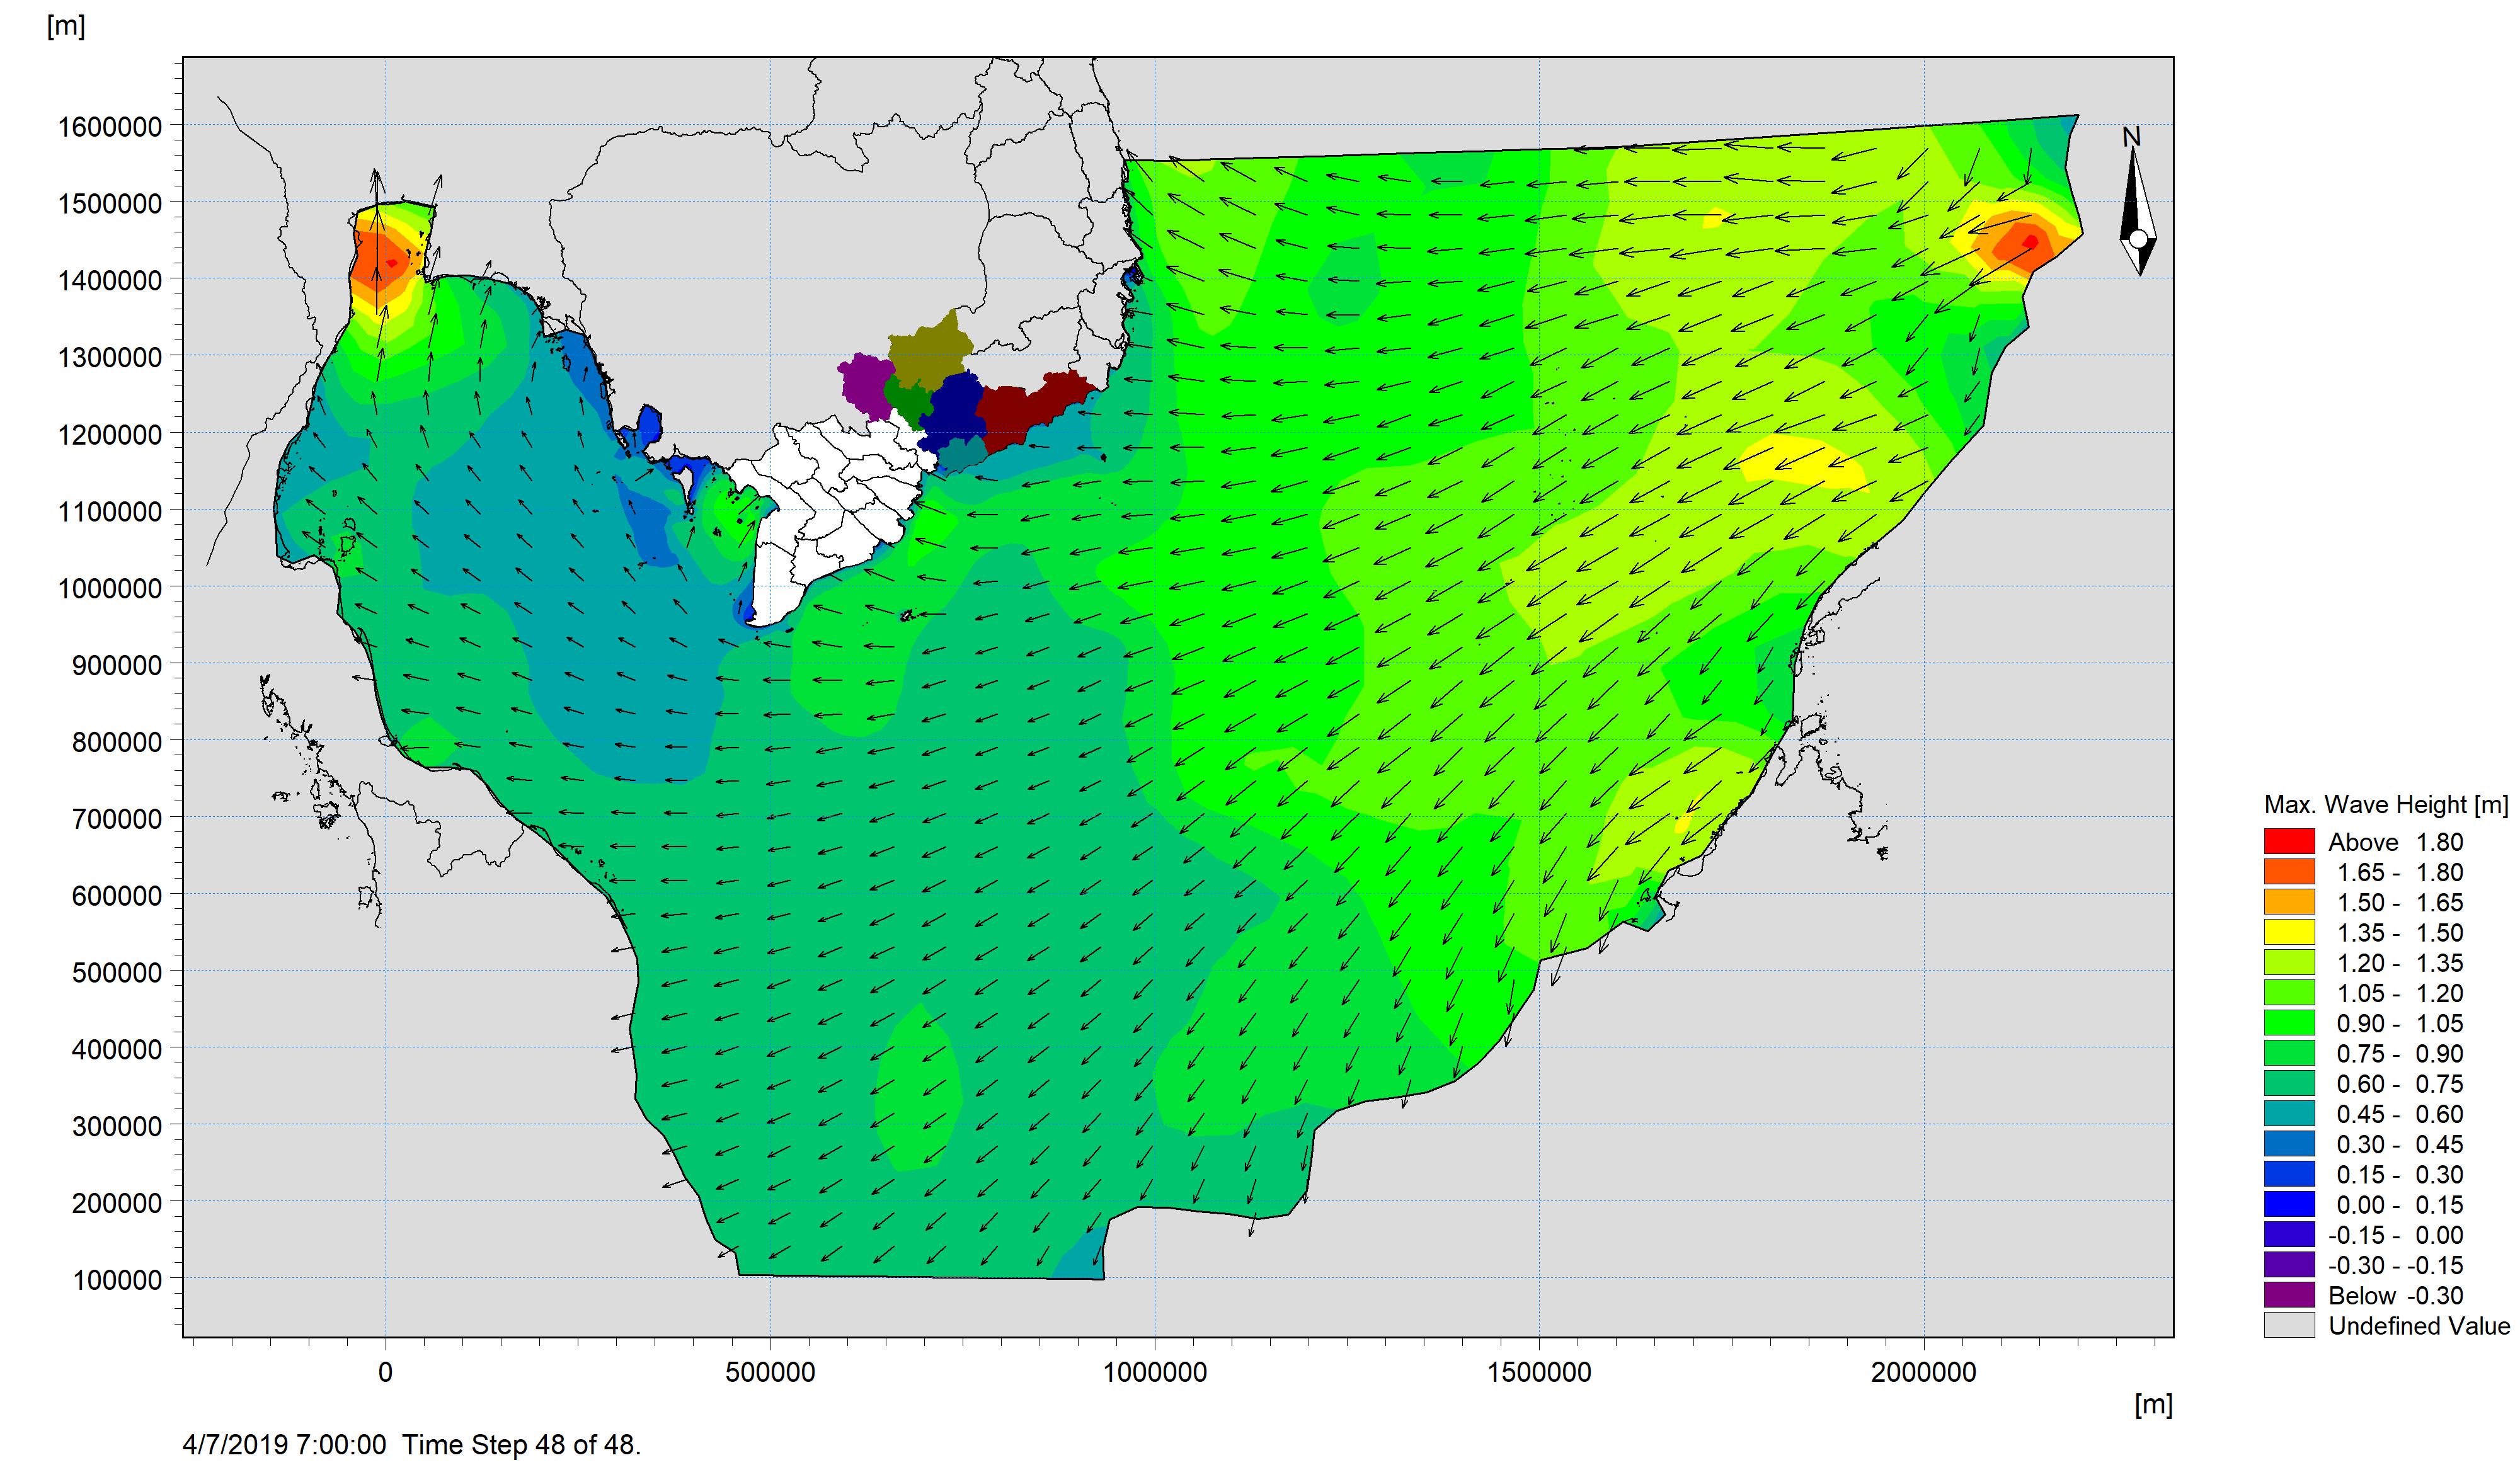 Bản tin dự báo sóng khu vực Nam Bộ từ ngày 05-04-2019 đến ngày 07-04-2019